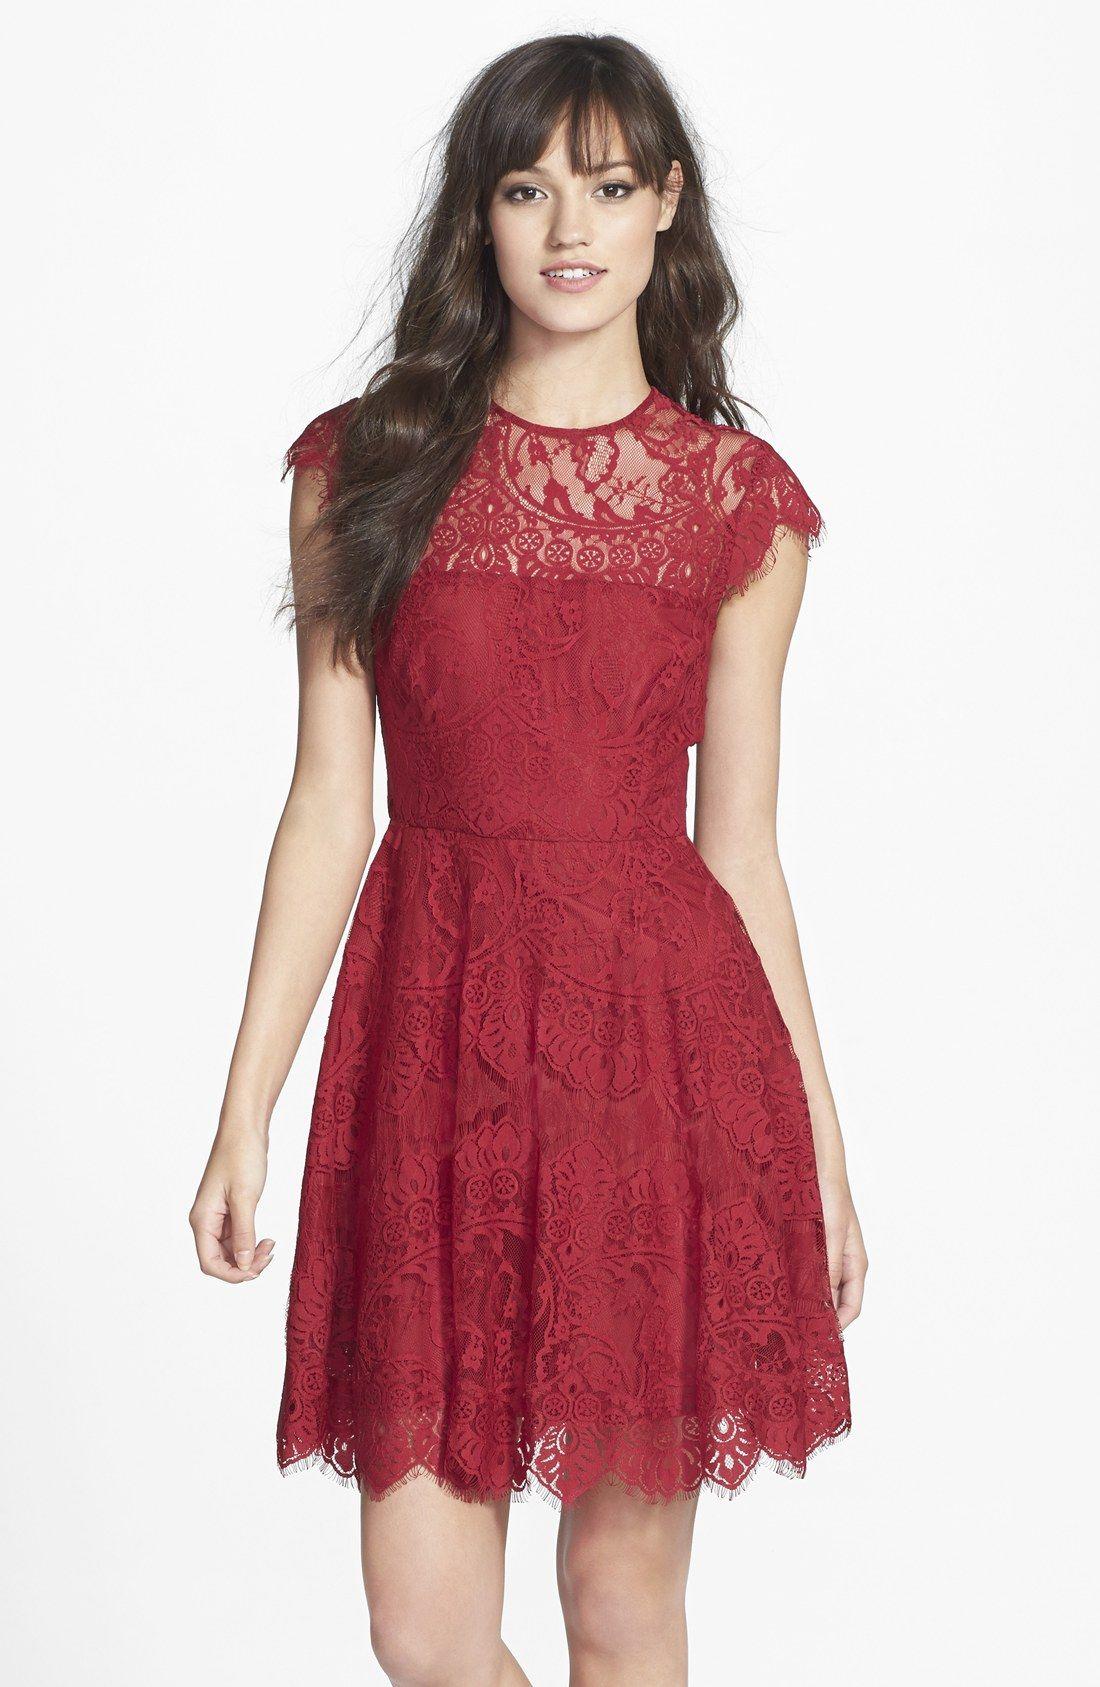 Rhianna Illusion Yoke Lace Fit Flare Dress